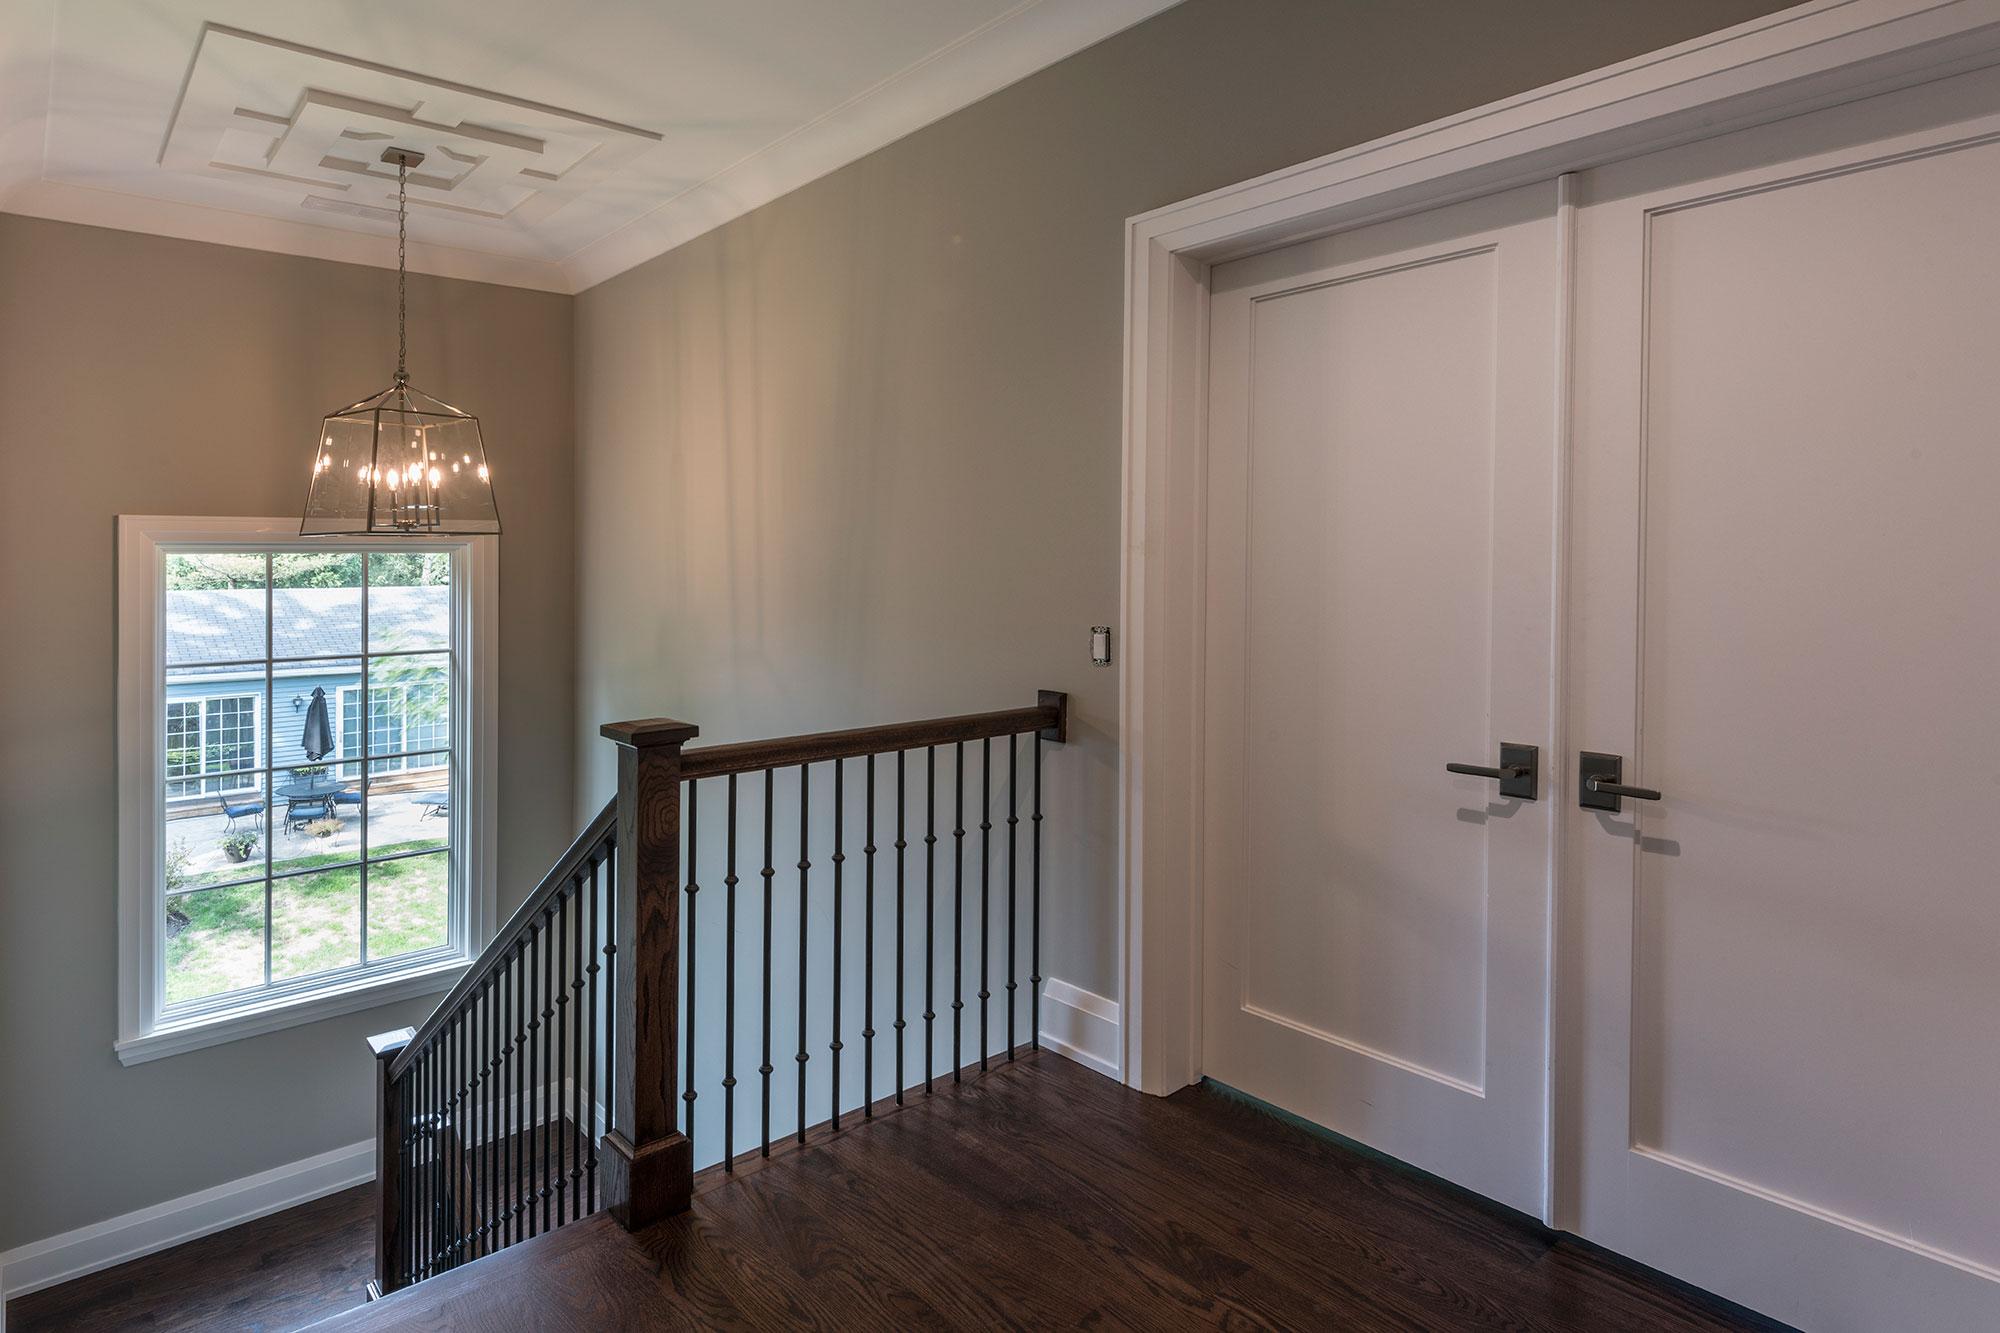 Custom Wood Interior Doors | single panel paint grade double doors, shaker style  - Glenview Doors - Custom Doors in Chicago